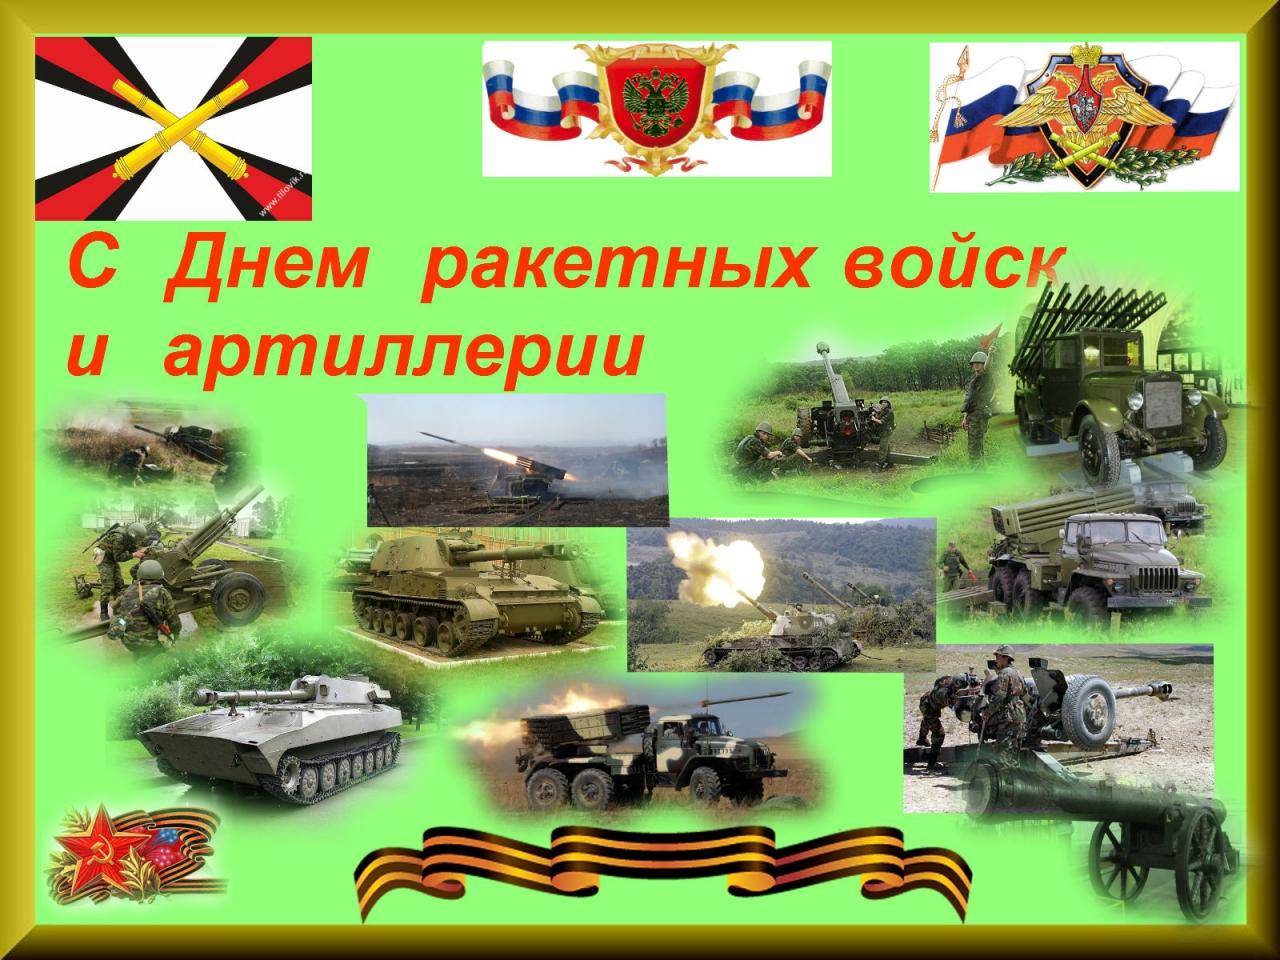 Поздравление в стихах к дню артиллерии